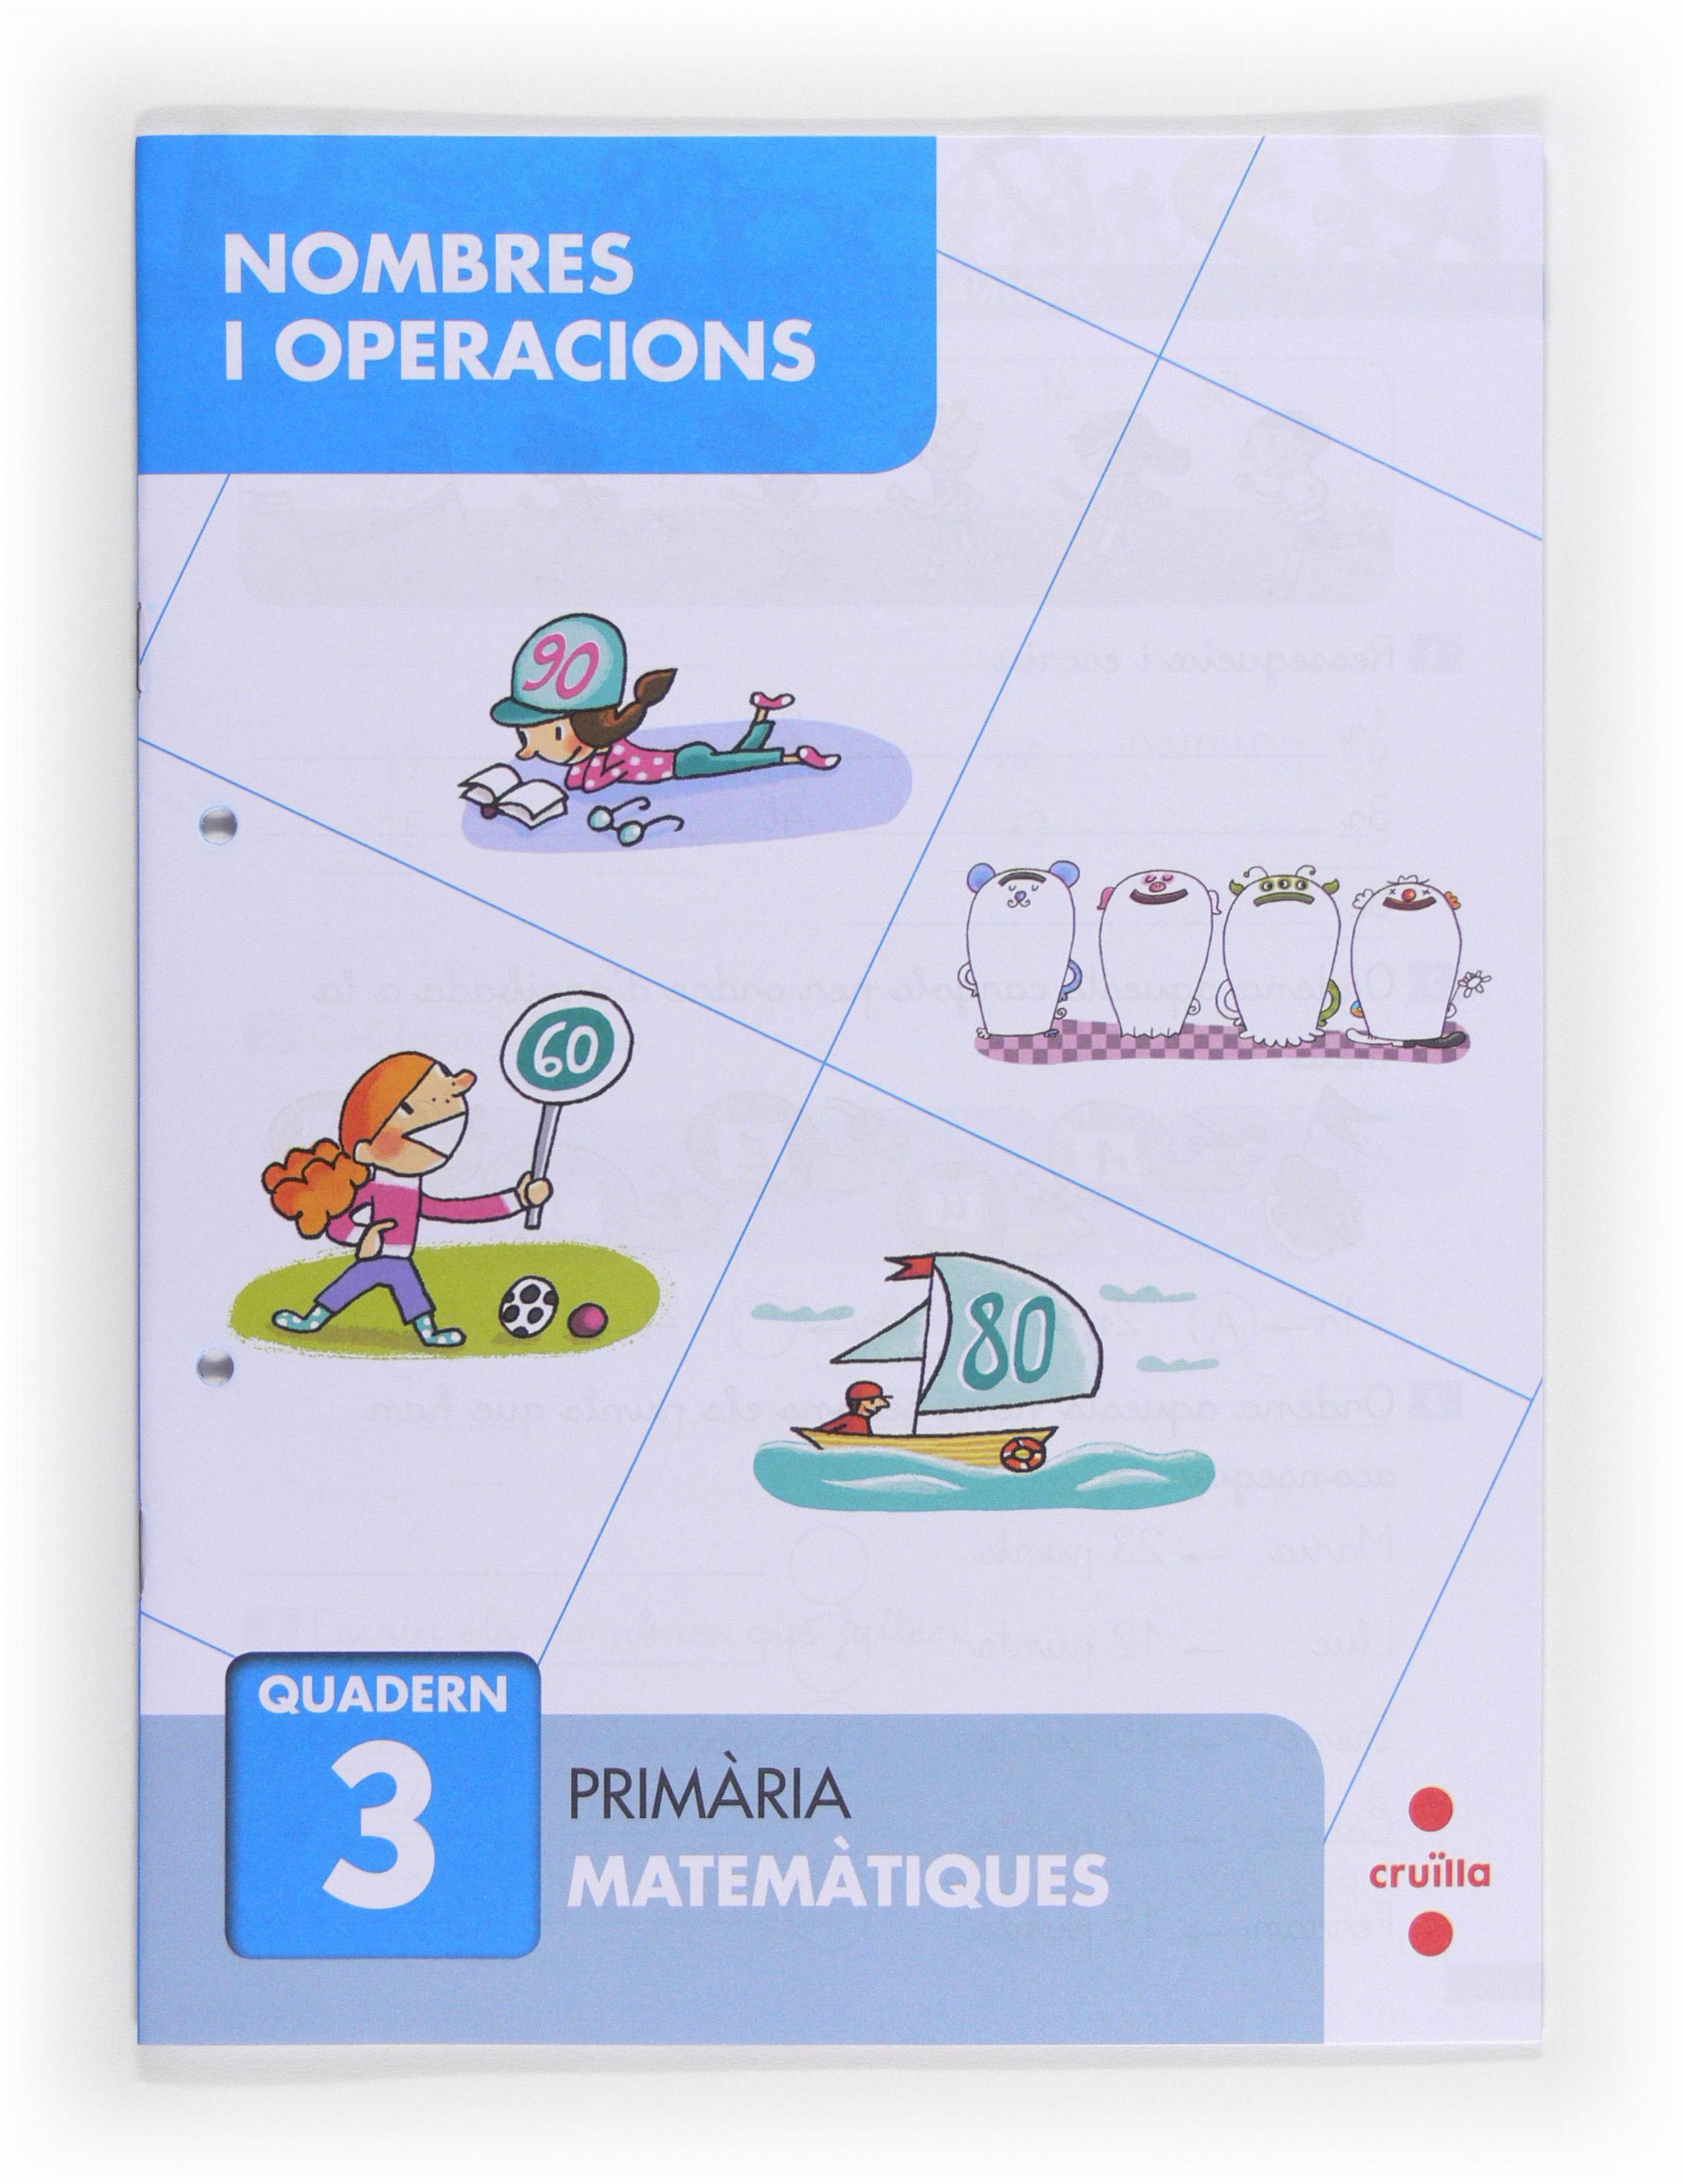 NOMBRES I OPERACIONS QUADERN  3 13